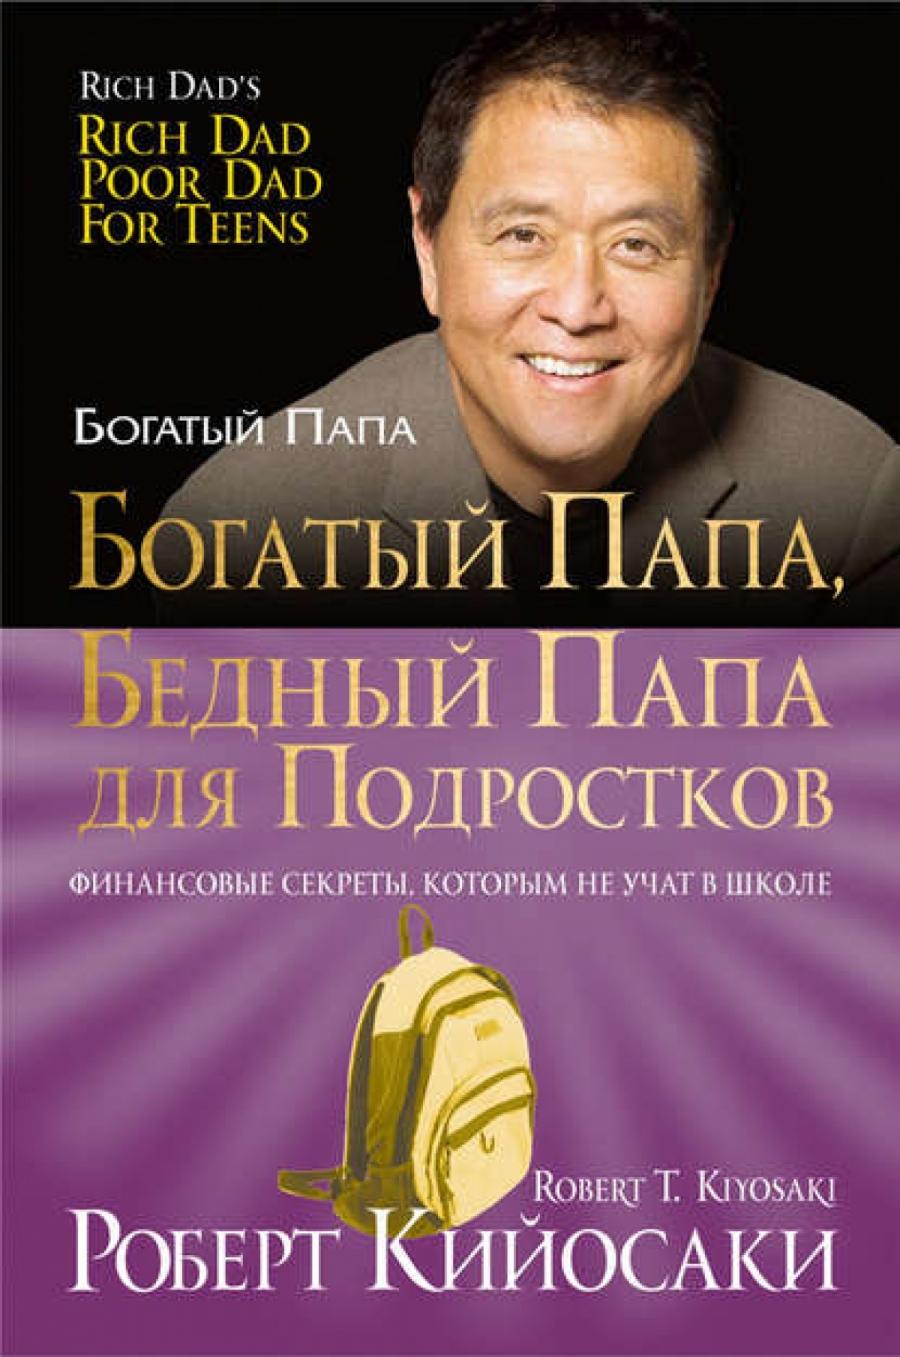 Роберт Кийосаки - Богатый папа, бедный папа для подростков